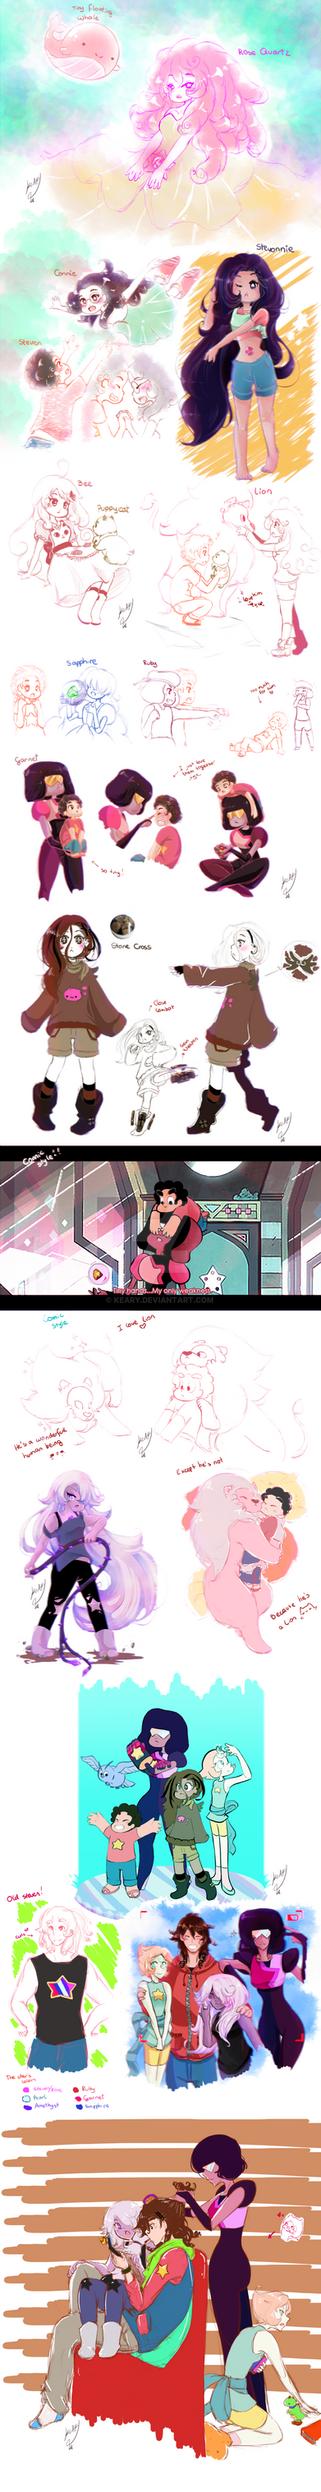 Steven Universe Doodle by keary